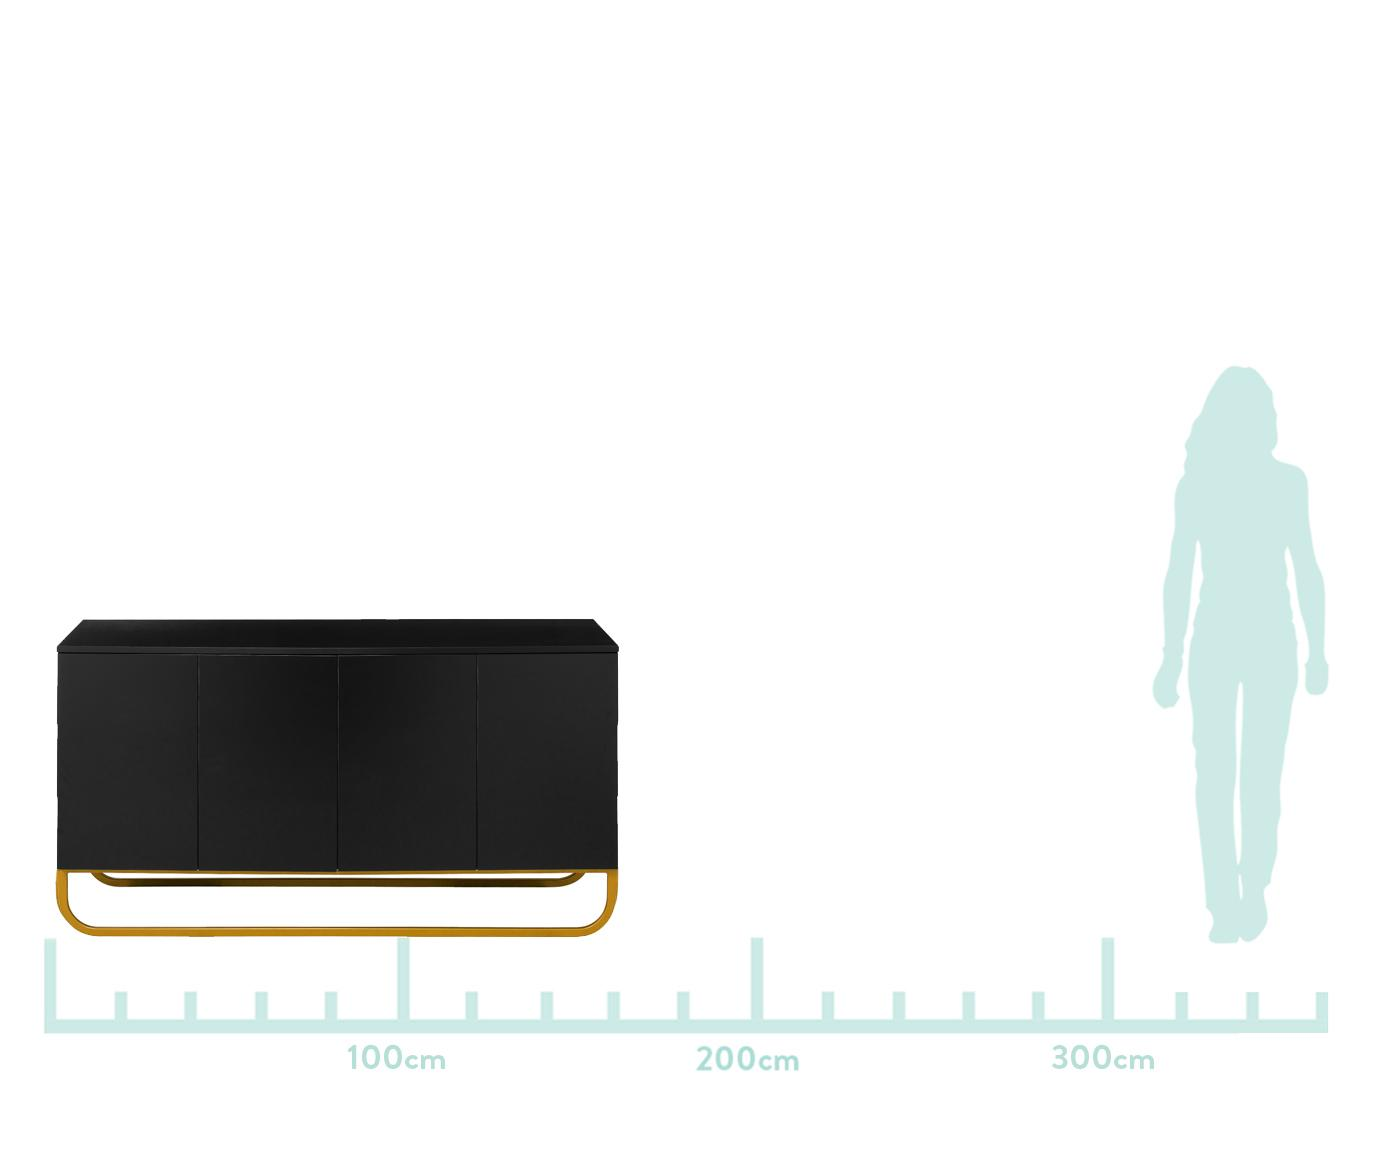 Komoda Sanford, Korpus: płyta pilśniowa średniej , Korpus i tył: czarny, matowy Podstawa: odcienie złotego, matowy, S 160 x W 83 cm